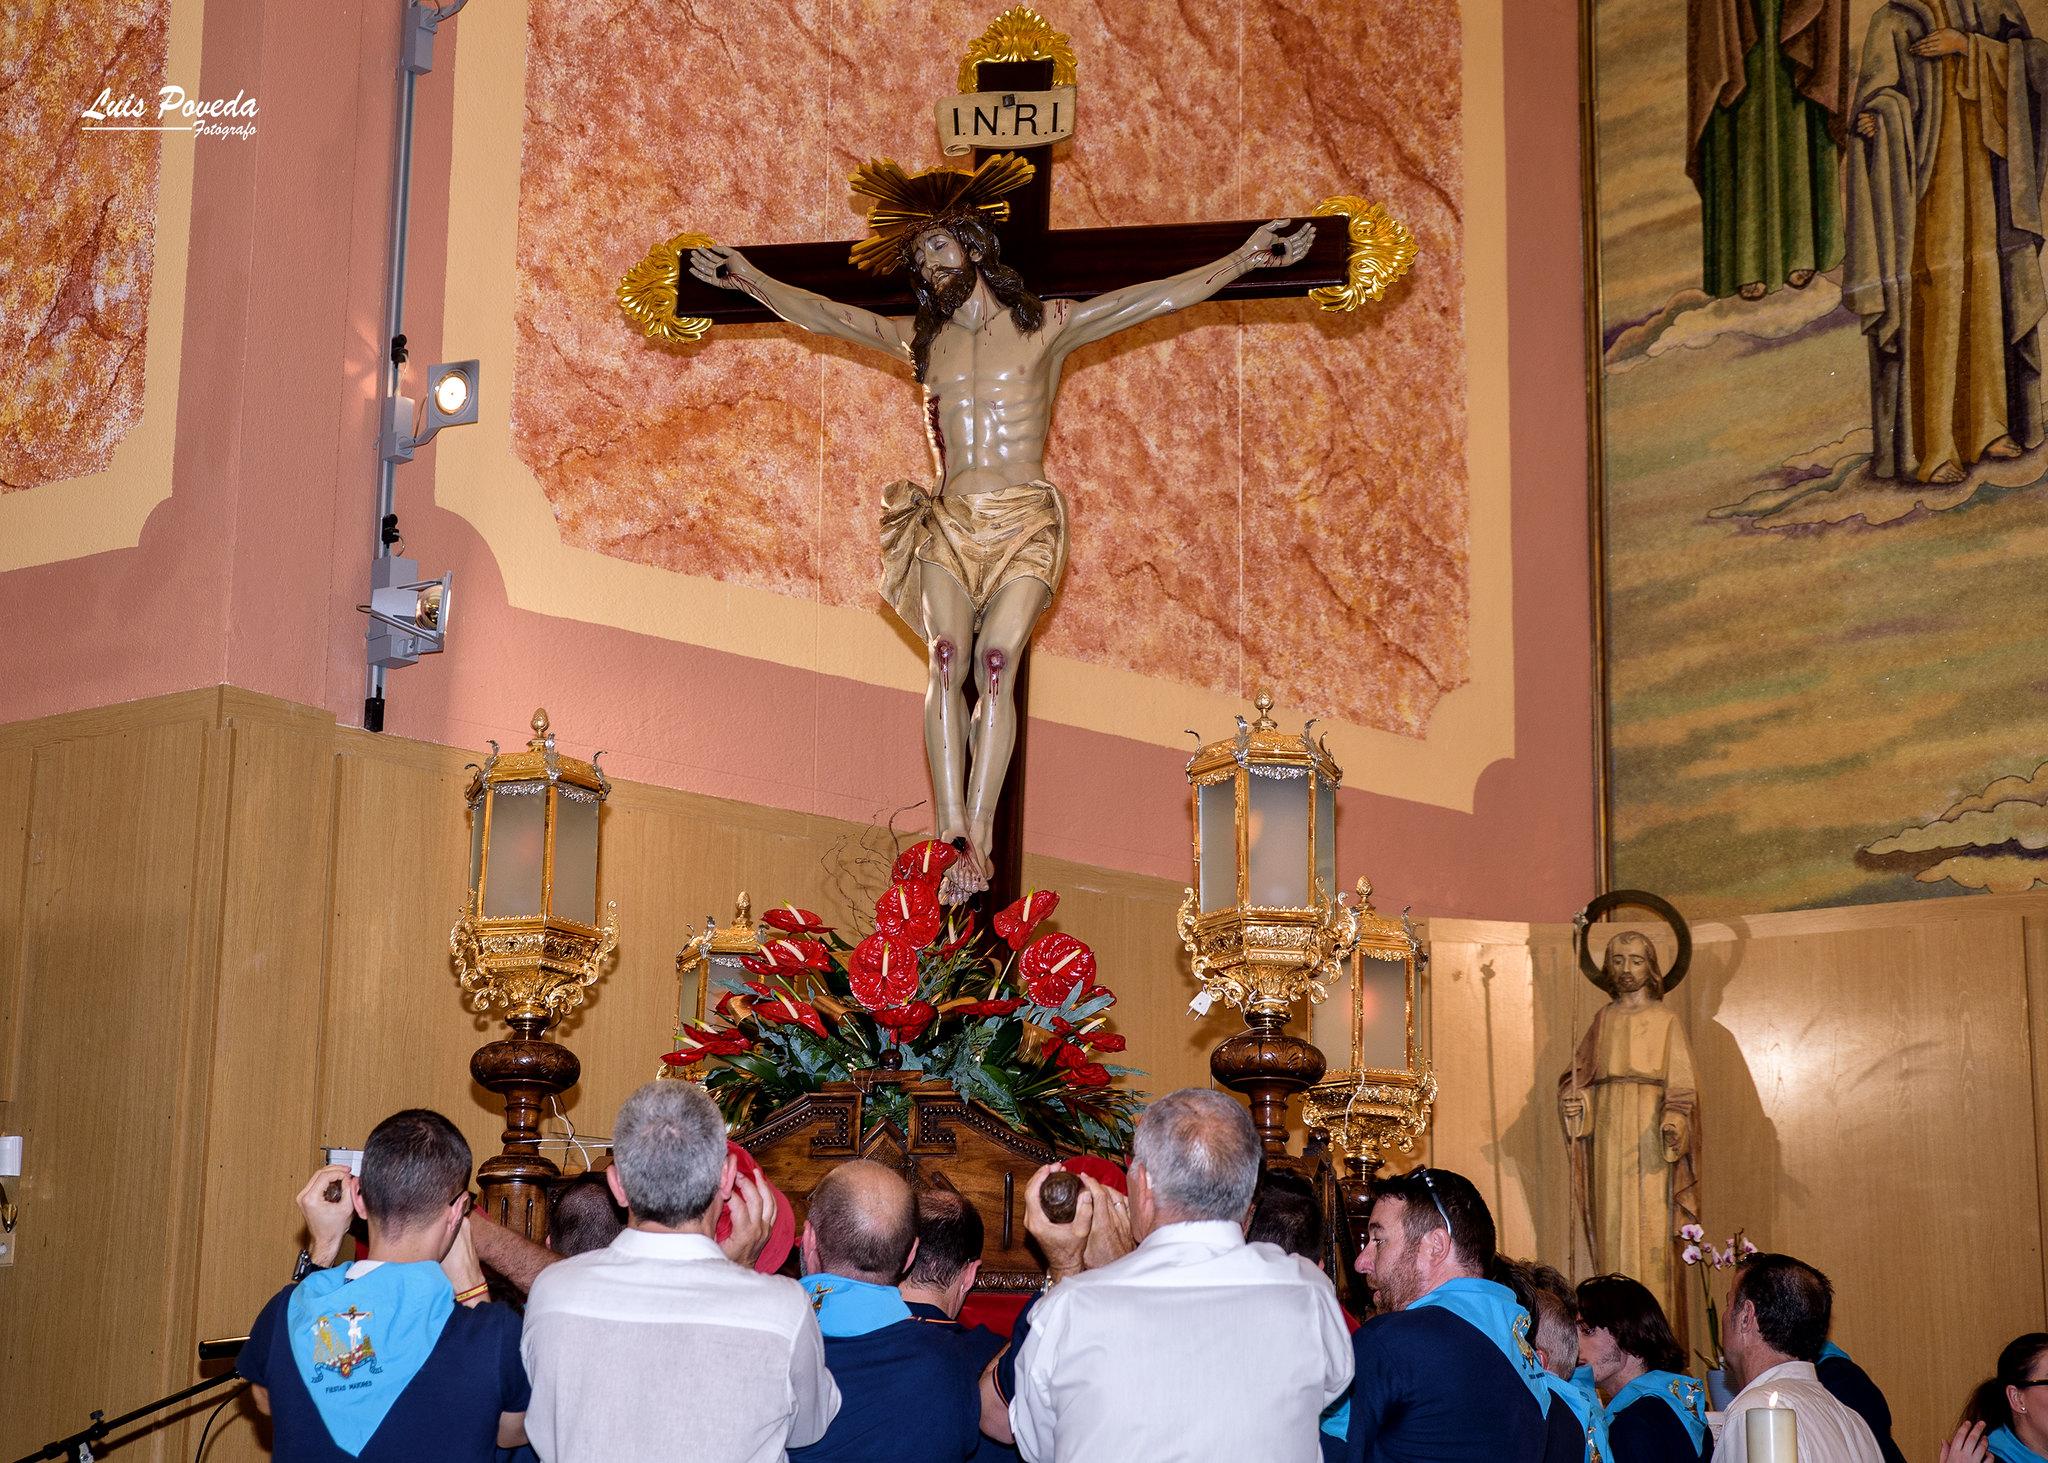 (2018-06-16) - 75 Aniversario - Encuentro - Luis Poveda Galiano (14)